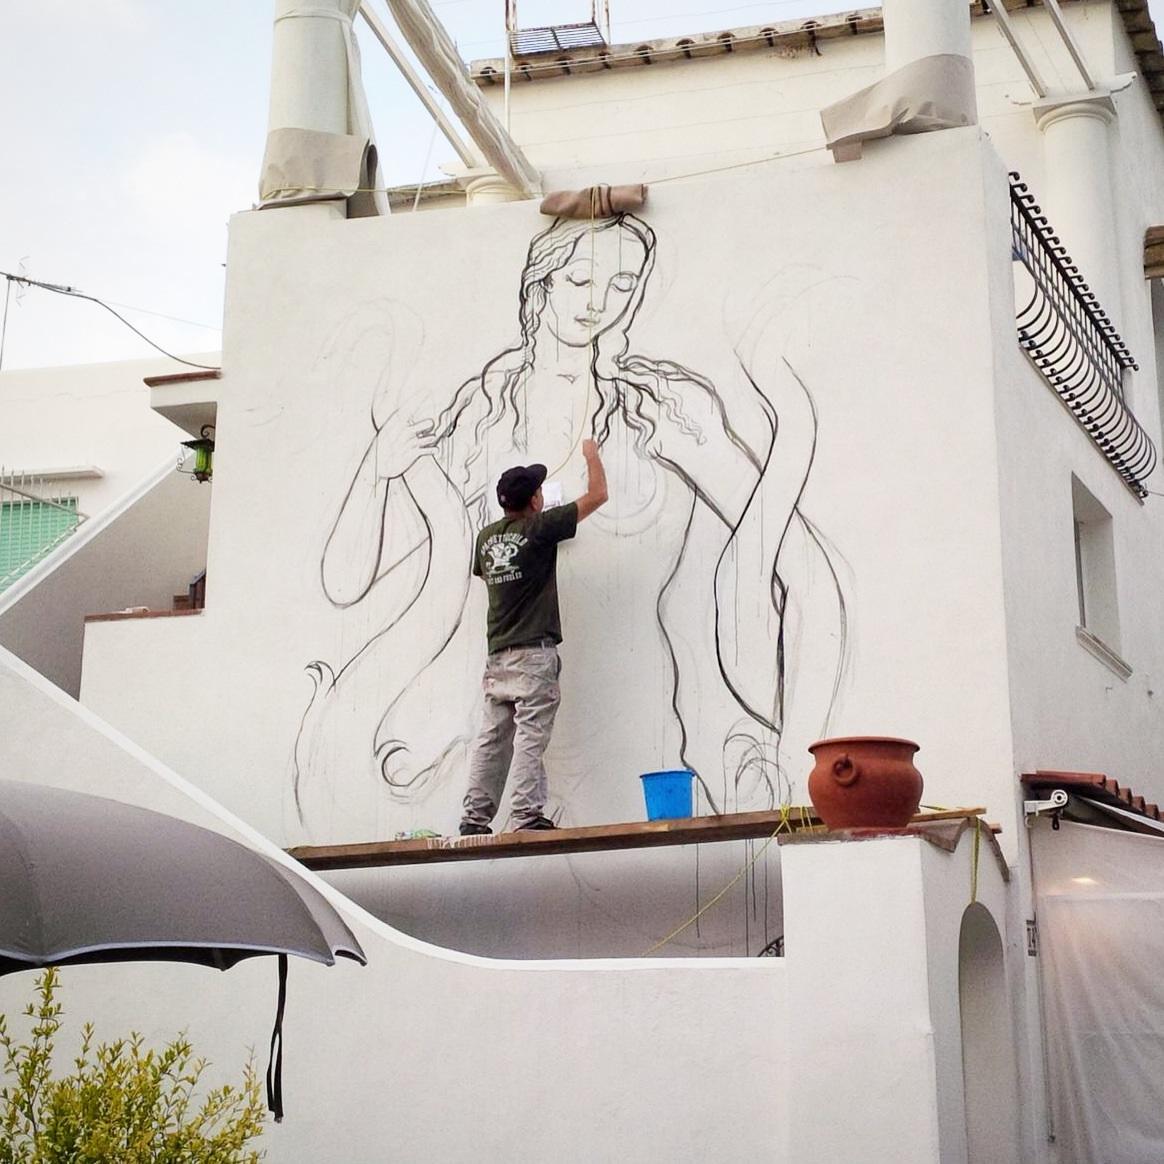 ozmo-a-new-mural-in-capri-04